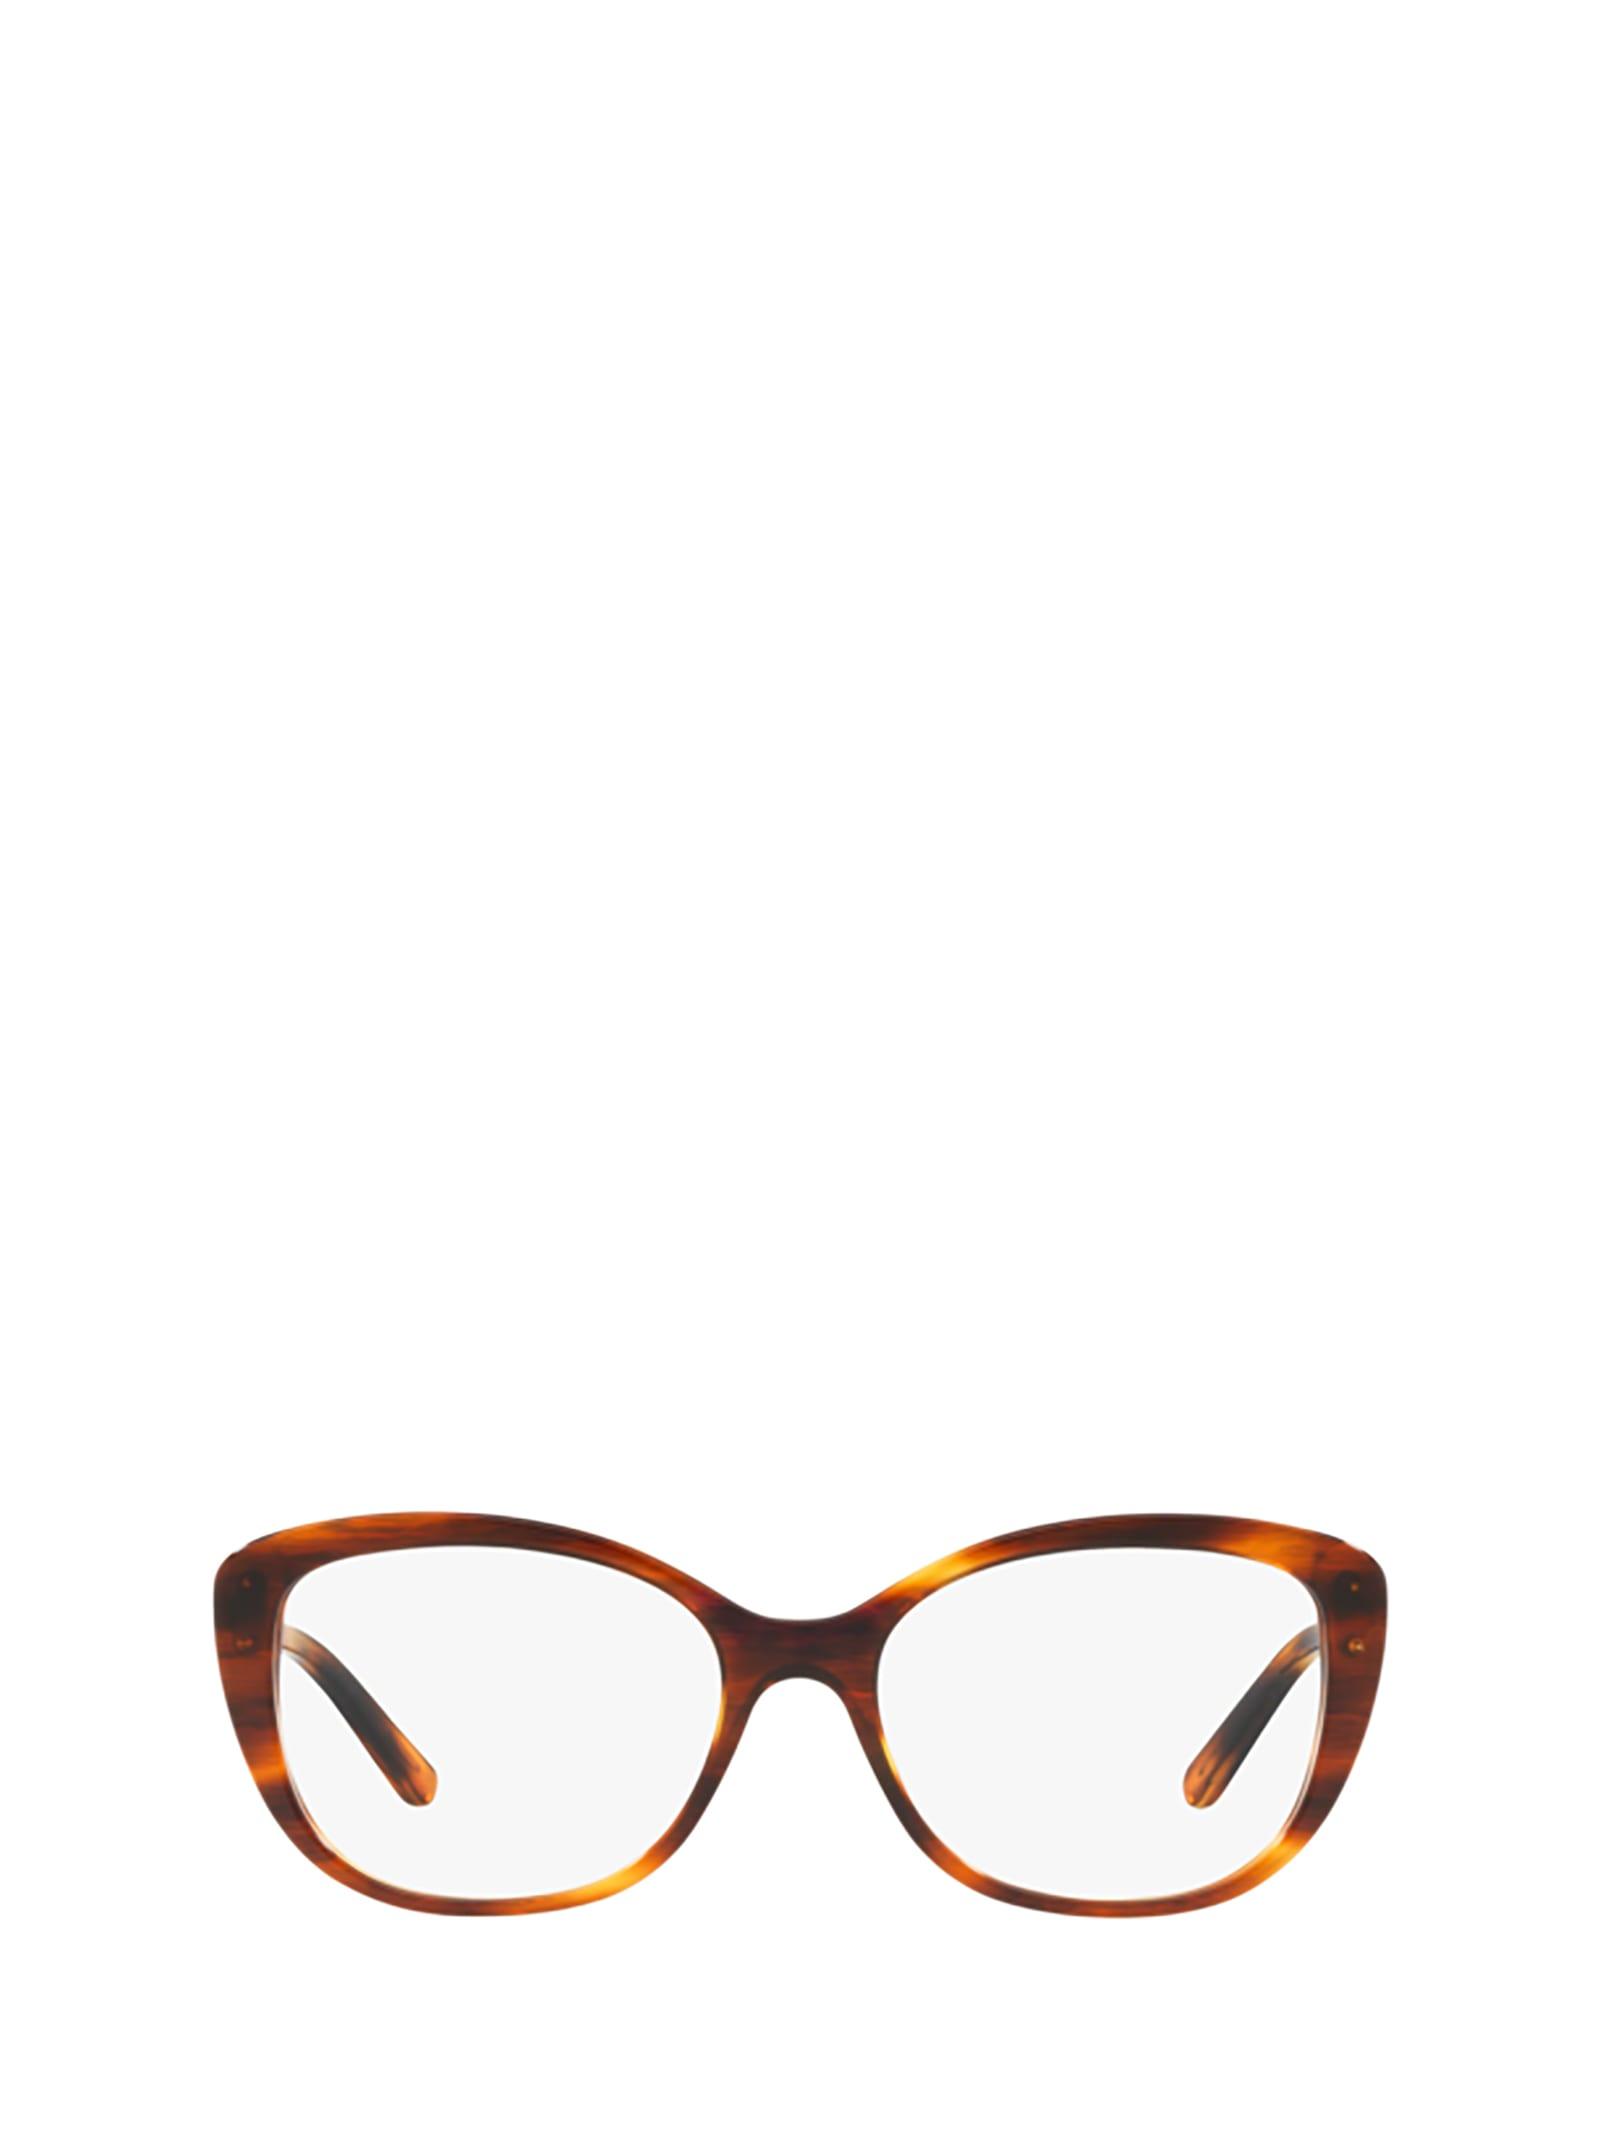 Ralph Lauren Ralph Lauren Rl6174 5007 Glasses